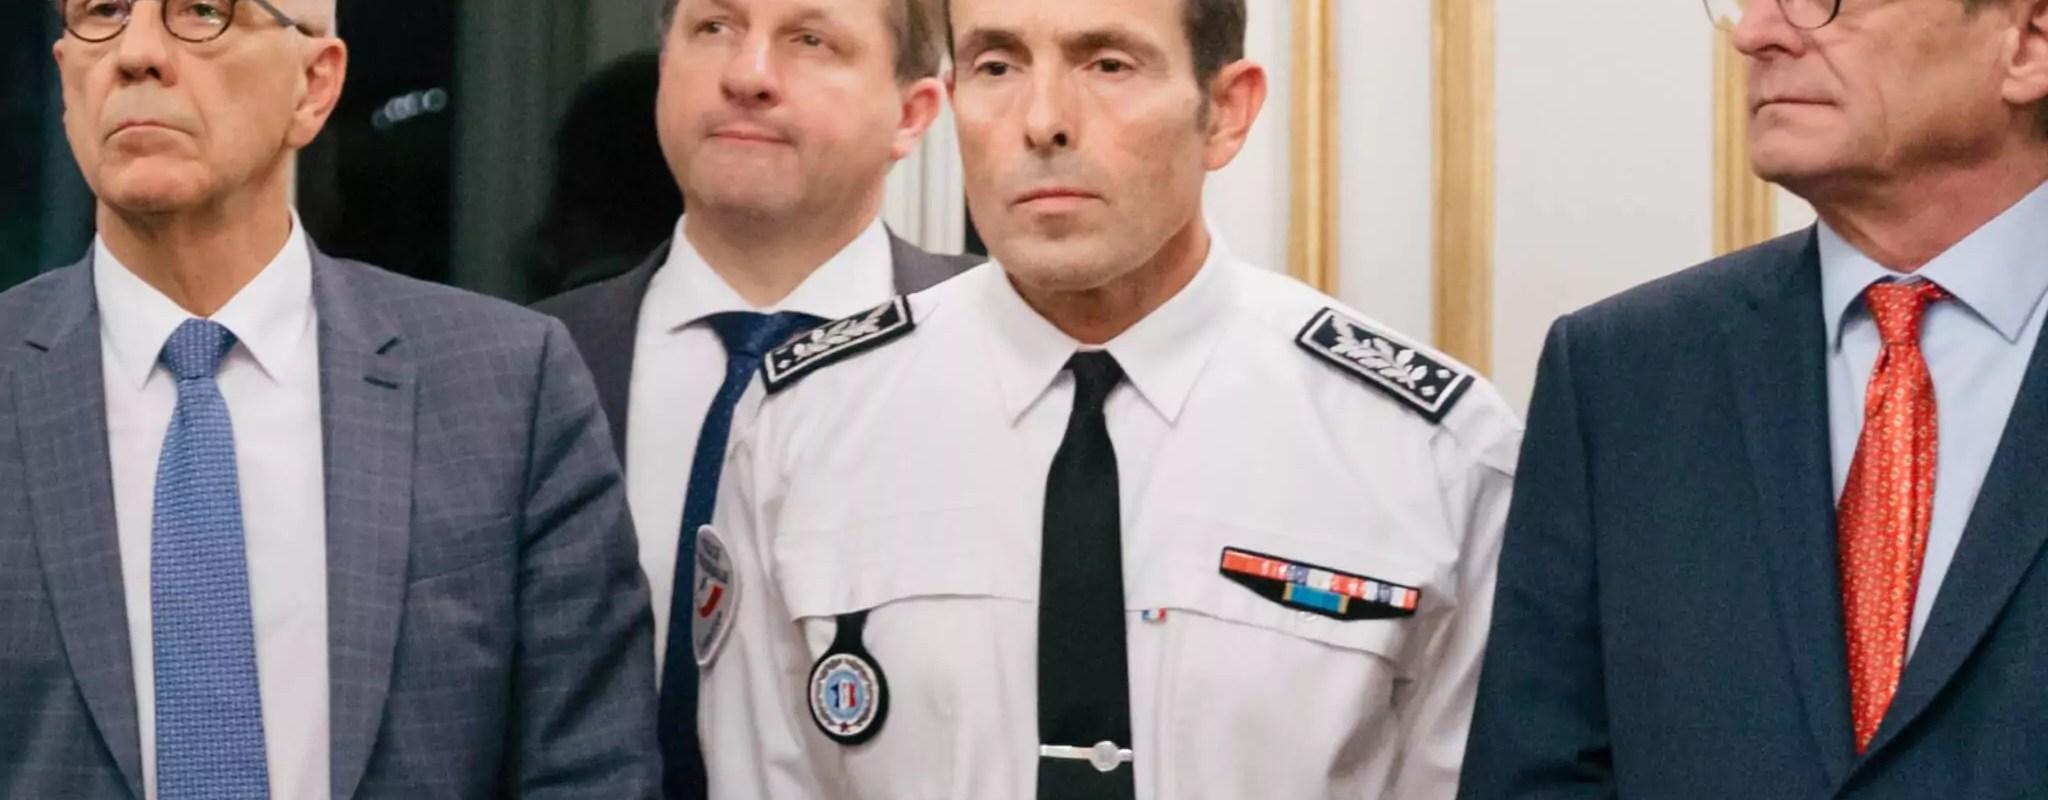 L'ancien commissaire de Strasbourg bientôt à la retraite anticipée à cause de détournements